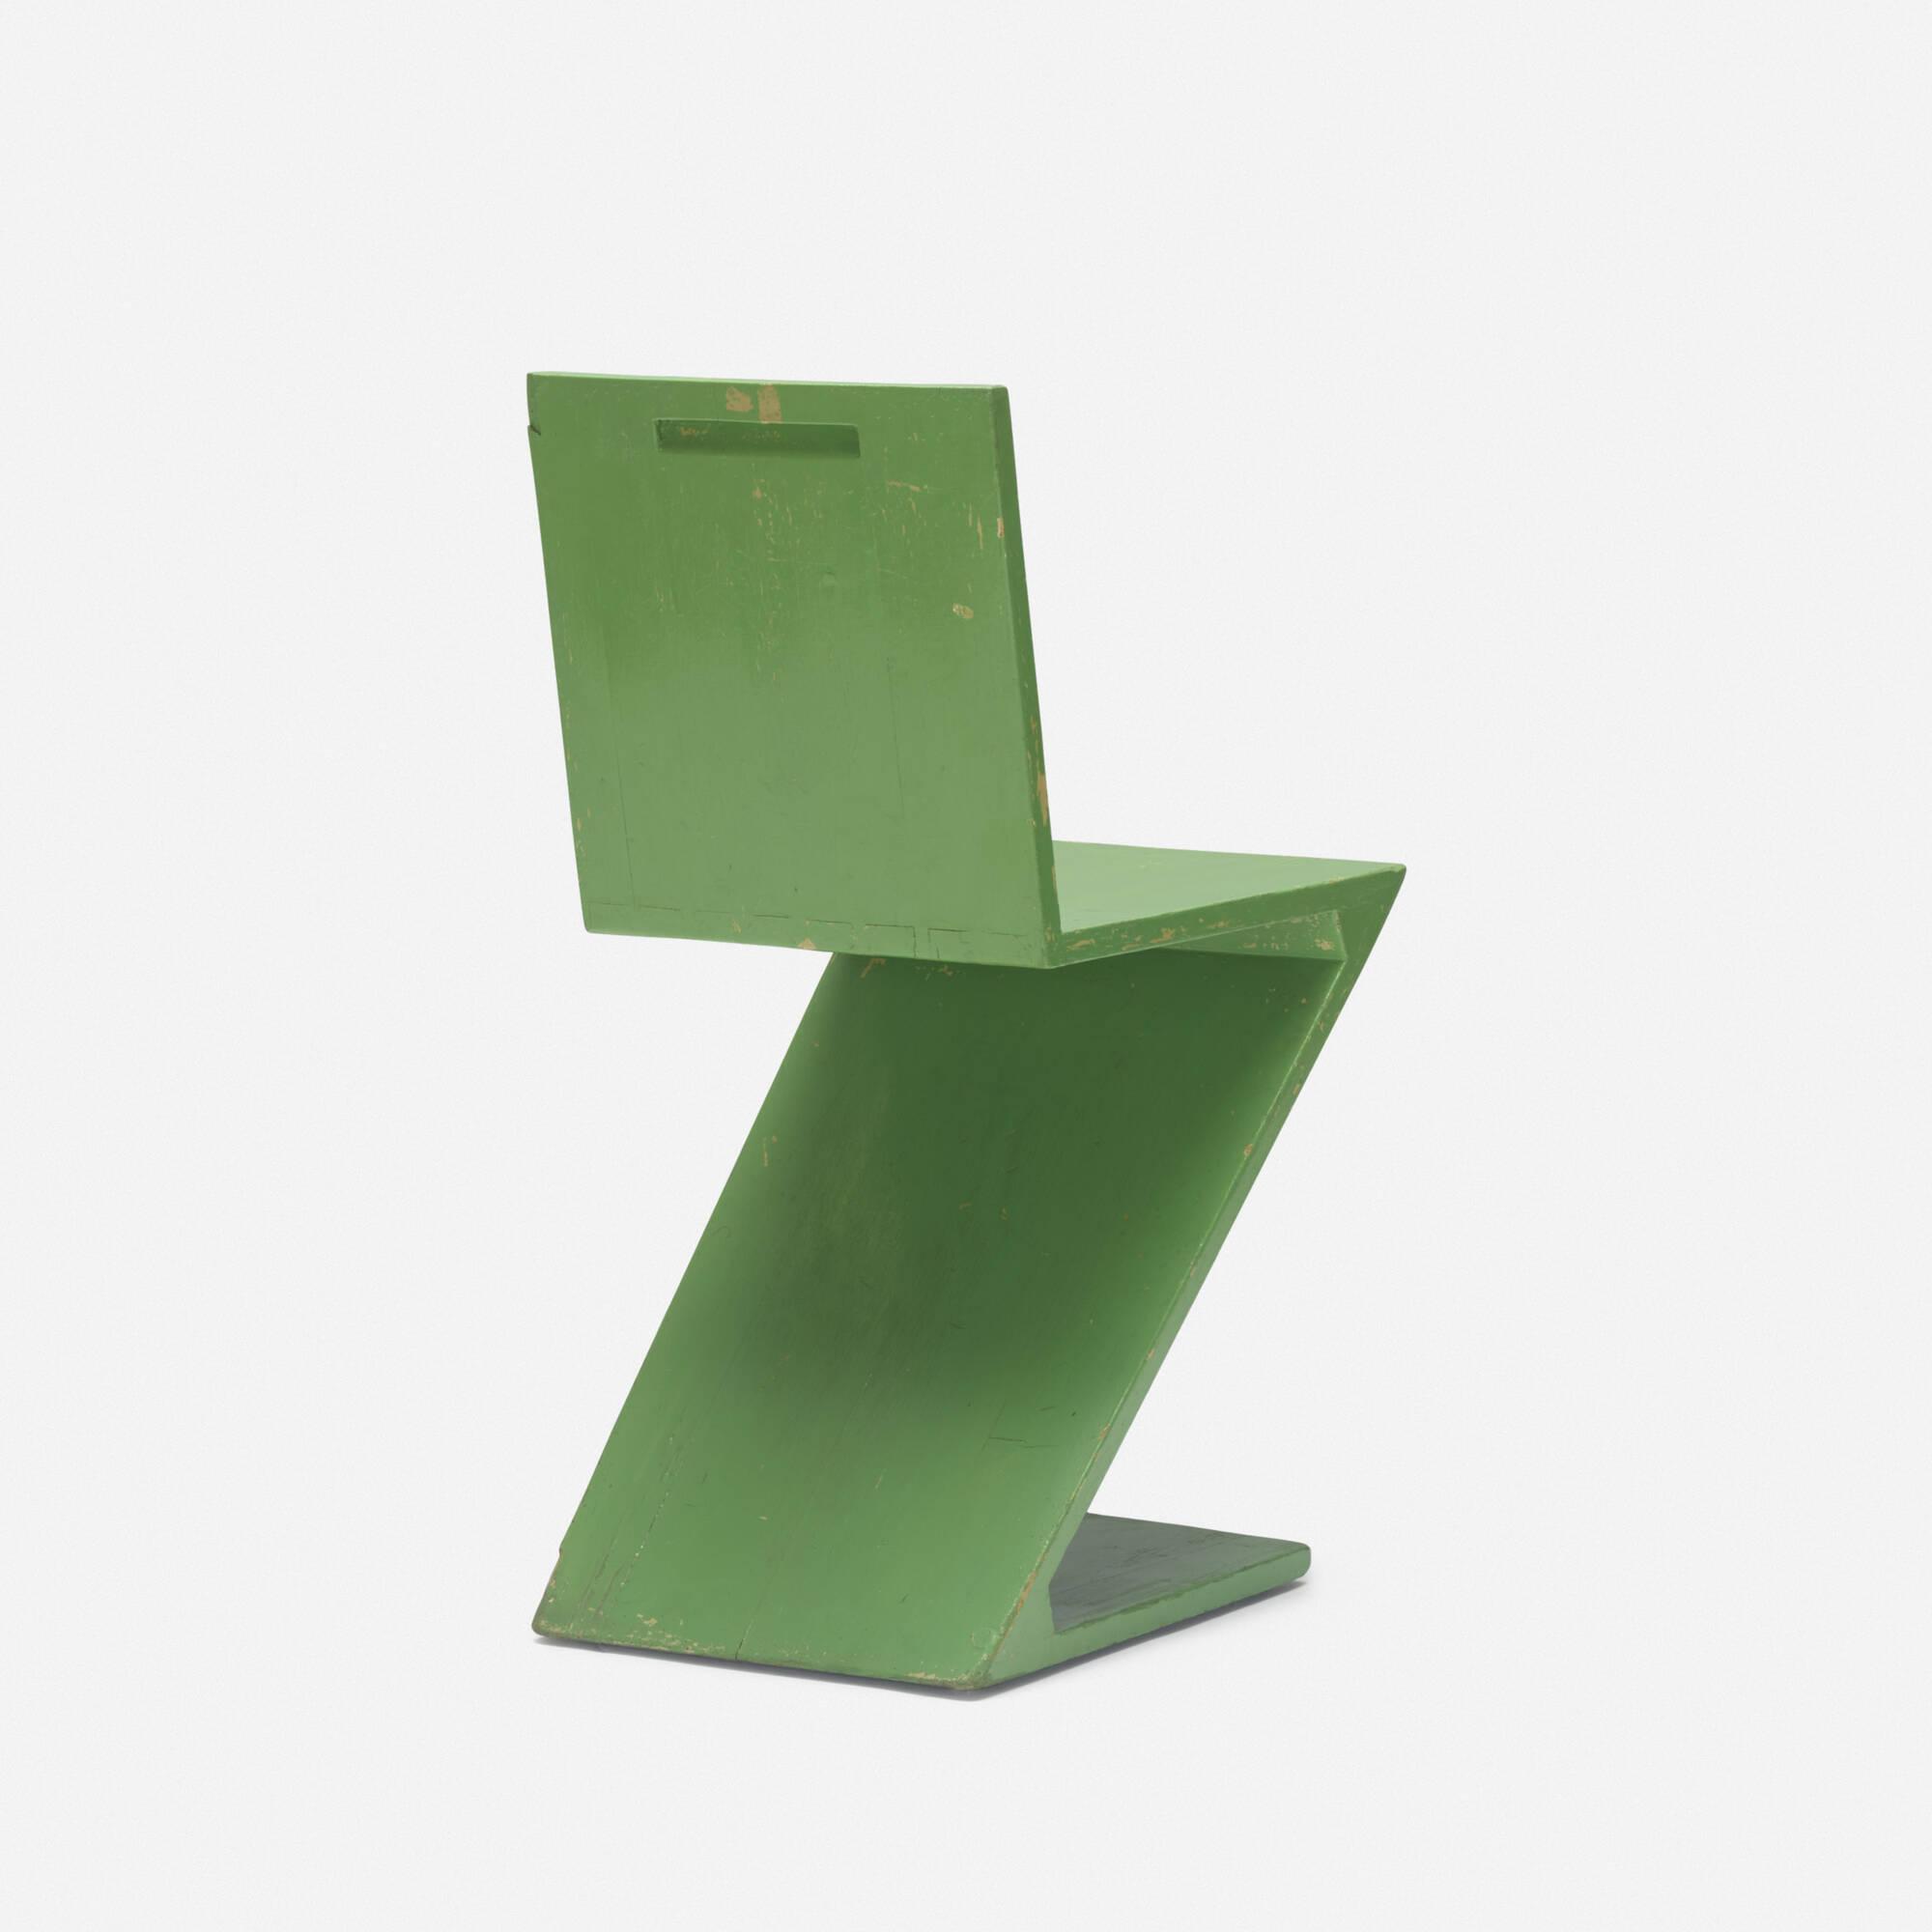 256: Gerrit Rietveld / Zig Zag chair (2 of 3)